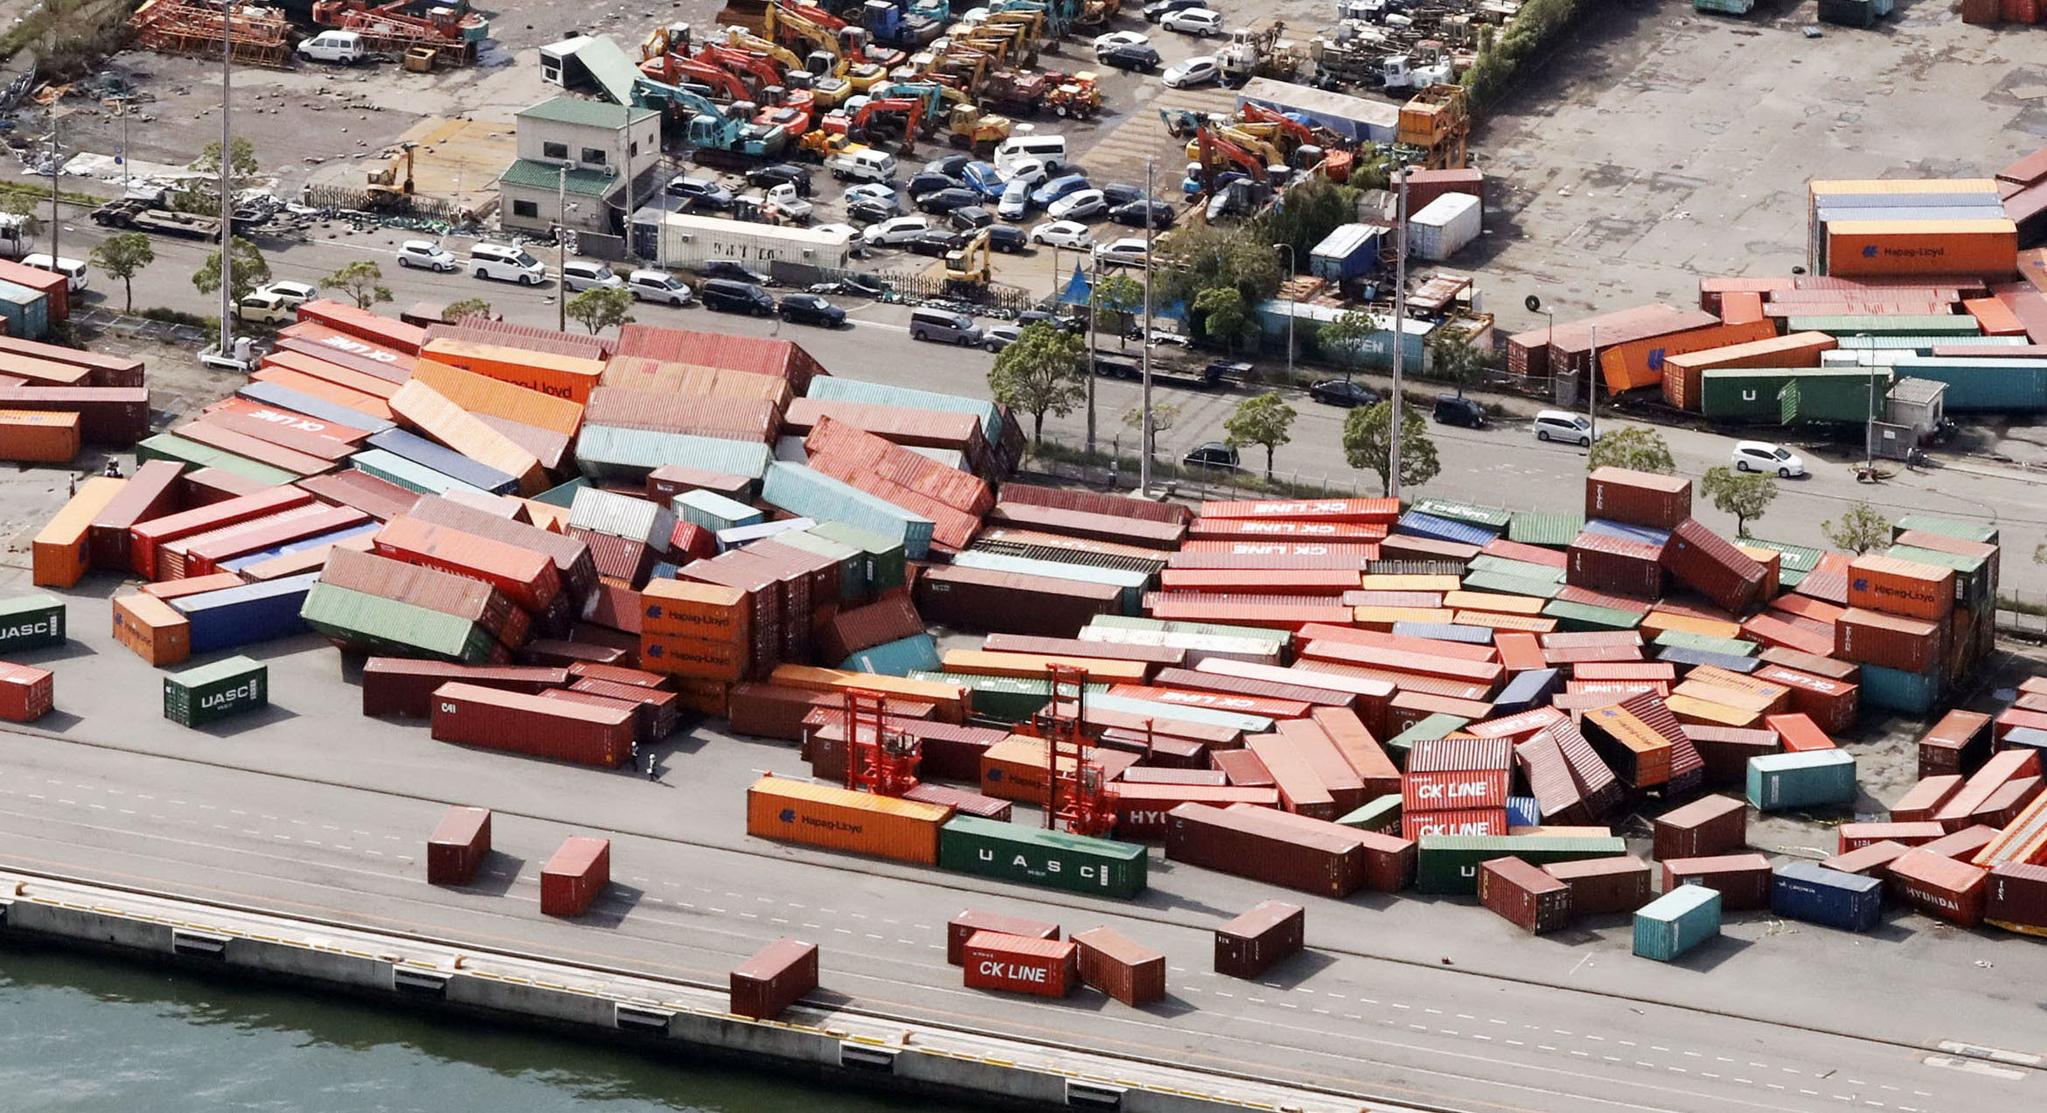 고베 항의 컨테이너들이 강풍에 무너졌다. [REUTERS=연합뉴스]